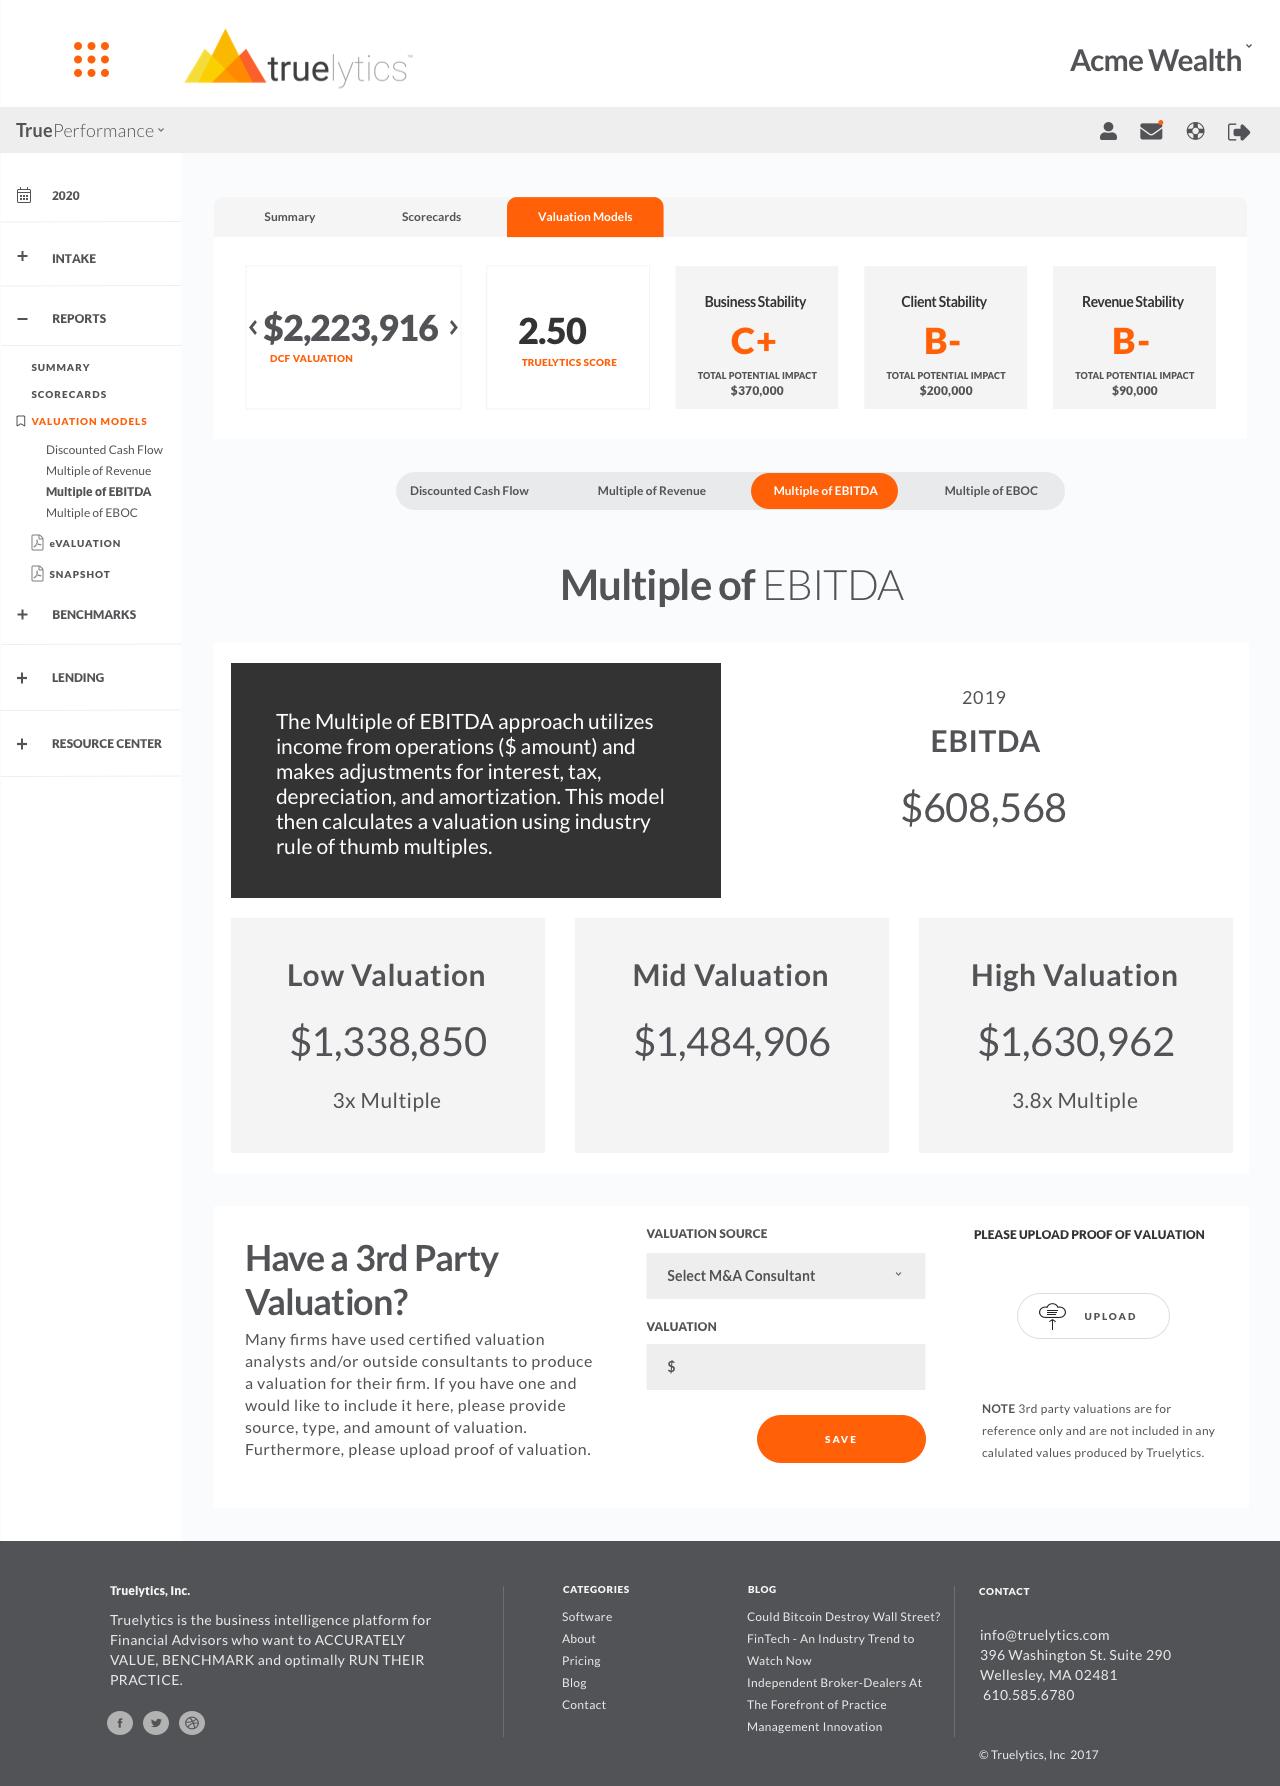 TP - Reports -Valuations - EBITDA